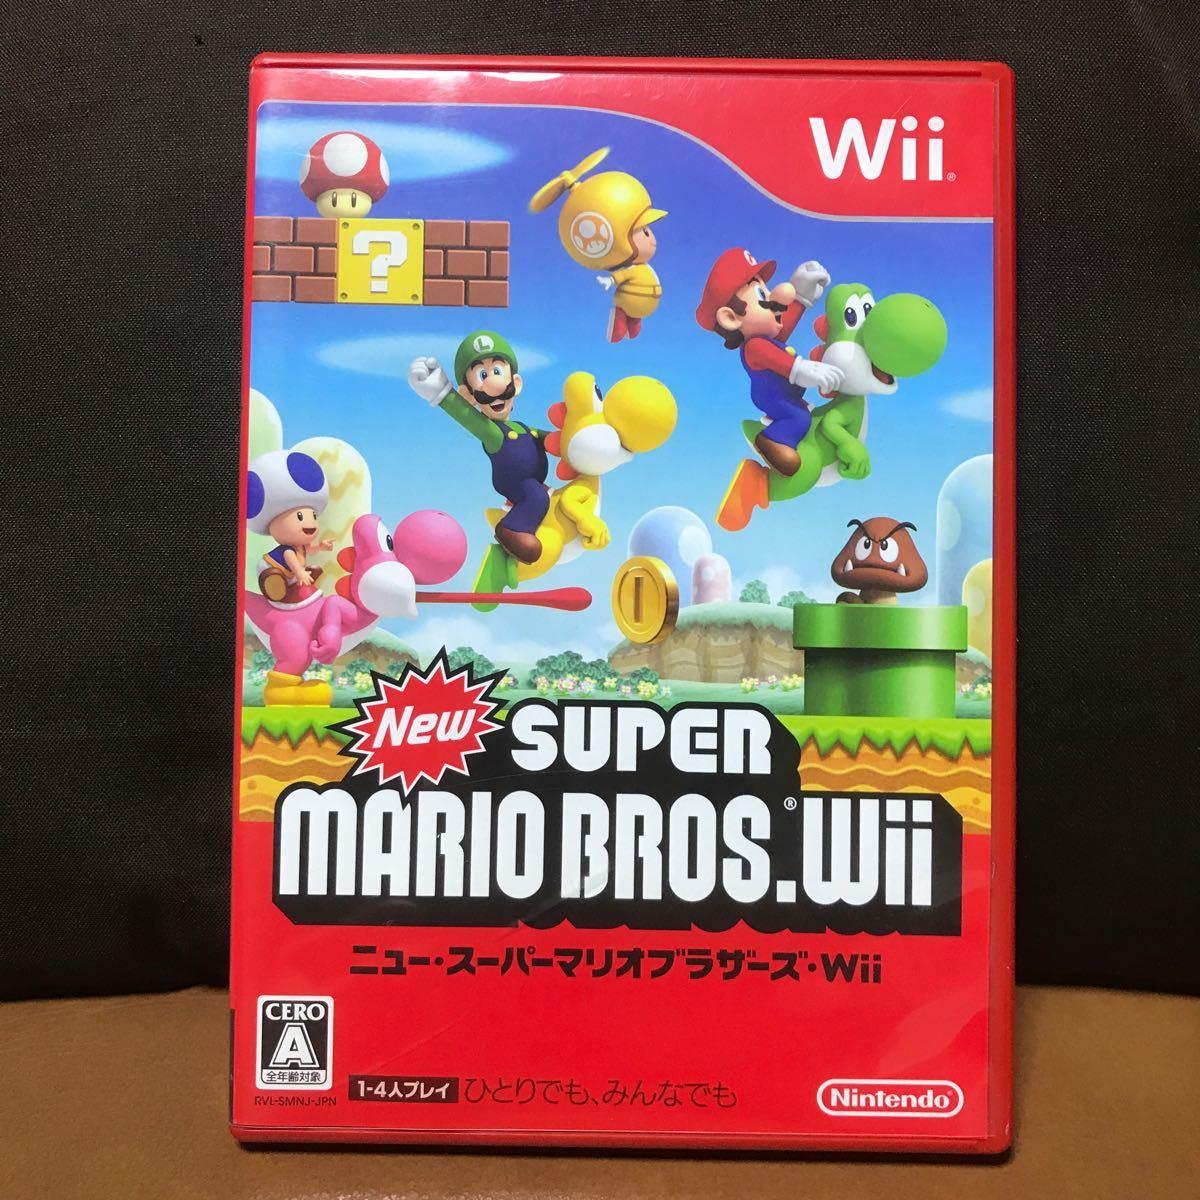 New スーパーマリオブラザーズ Wii Wii ニュースーパーマリオブラザーズ